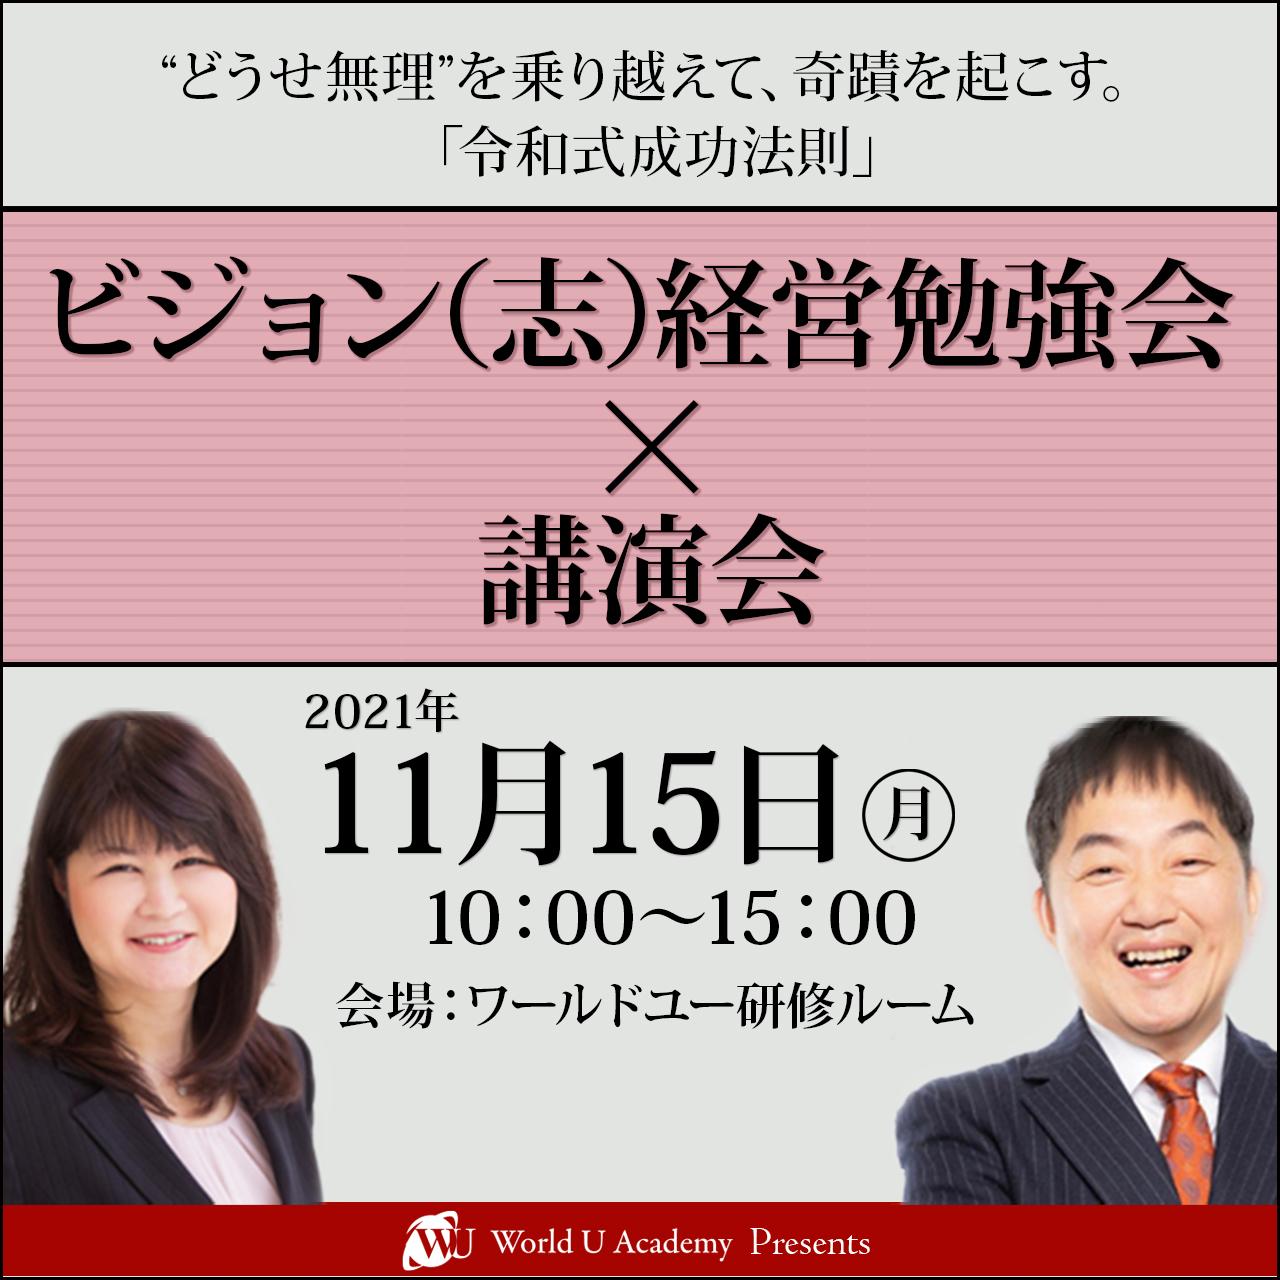 2021年11月15日 ビジョン(志)経営勉強会×講演会